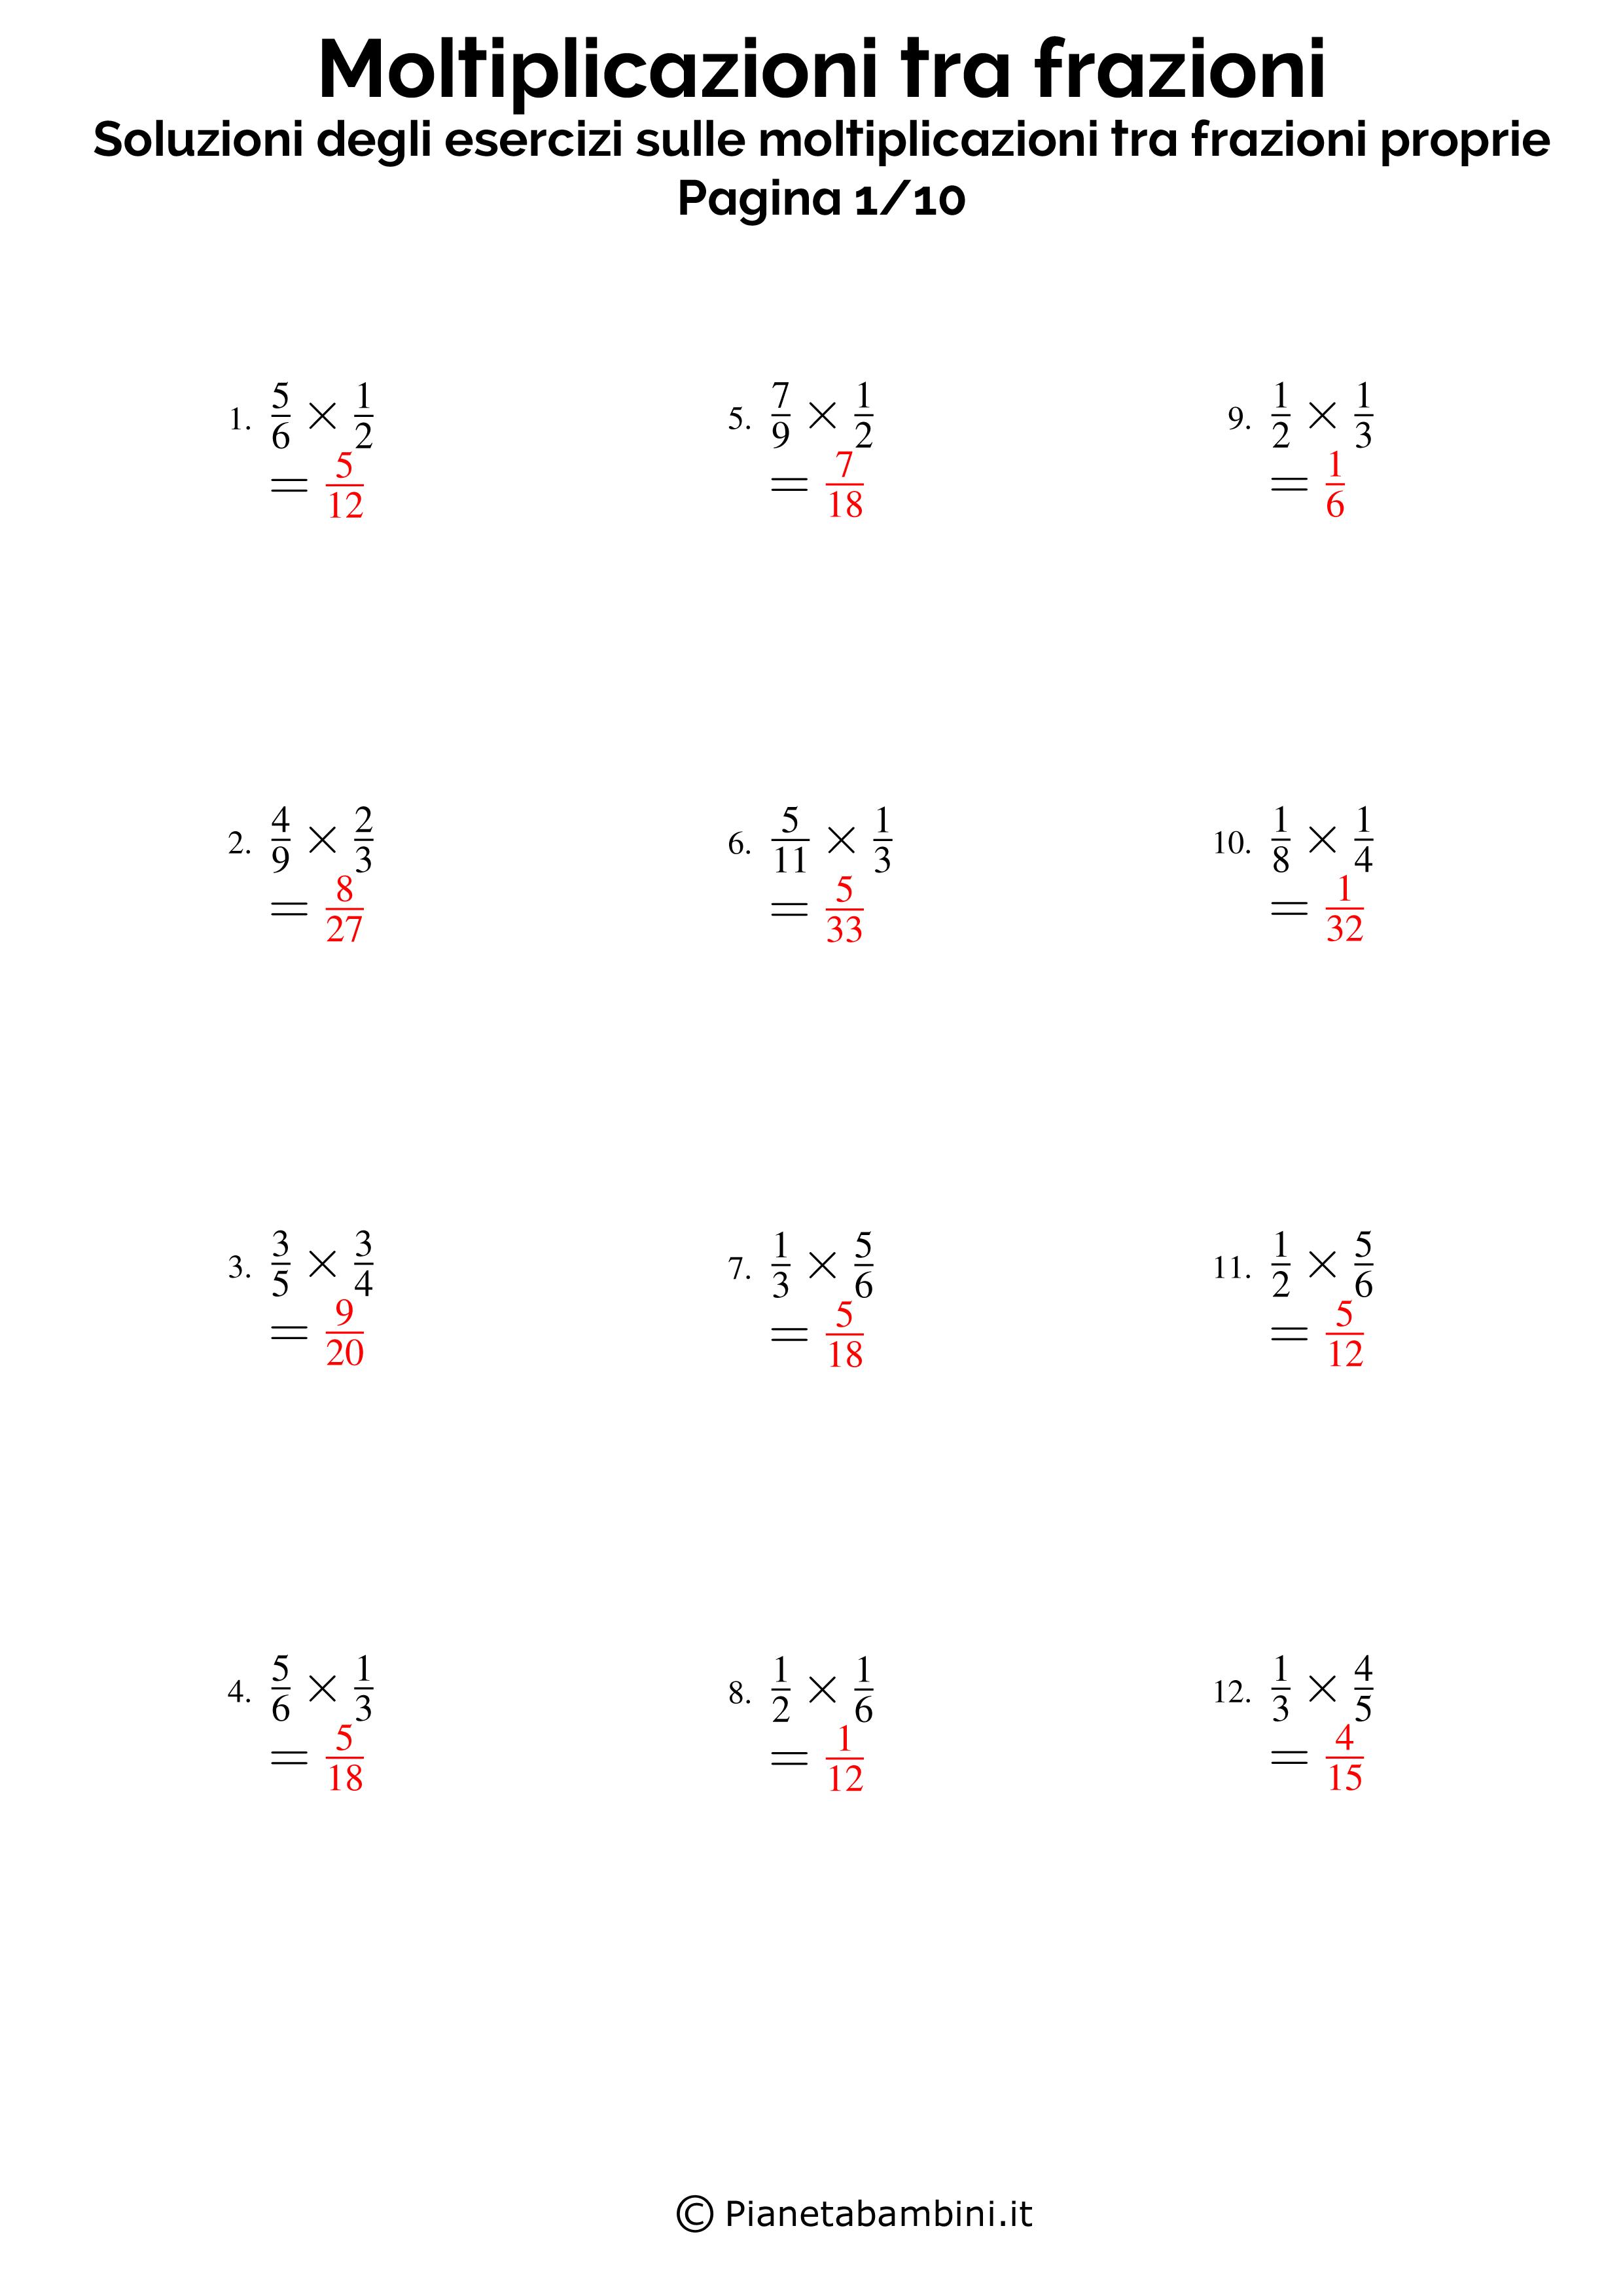 Soluzioni-Moltiplicazioni-Frazioni-Proprie_01